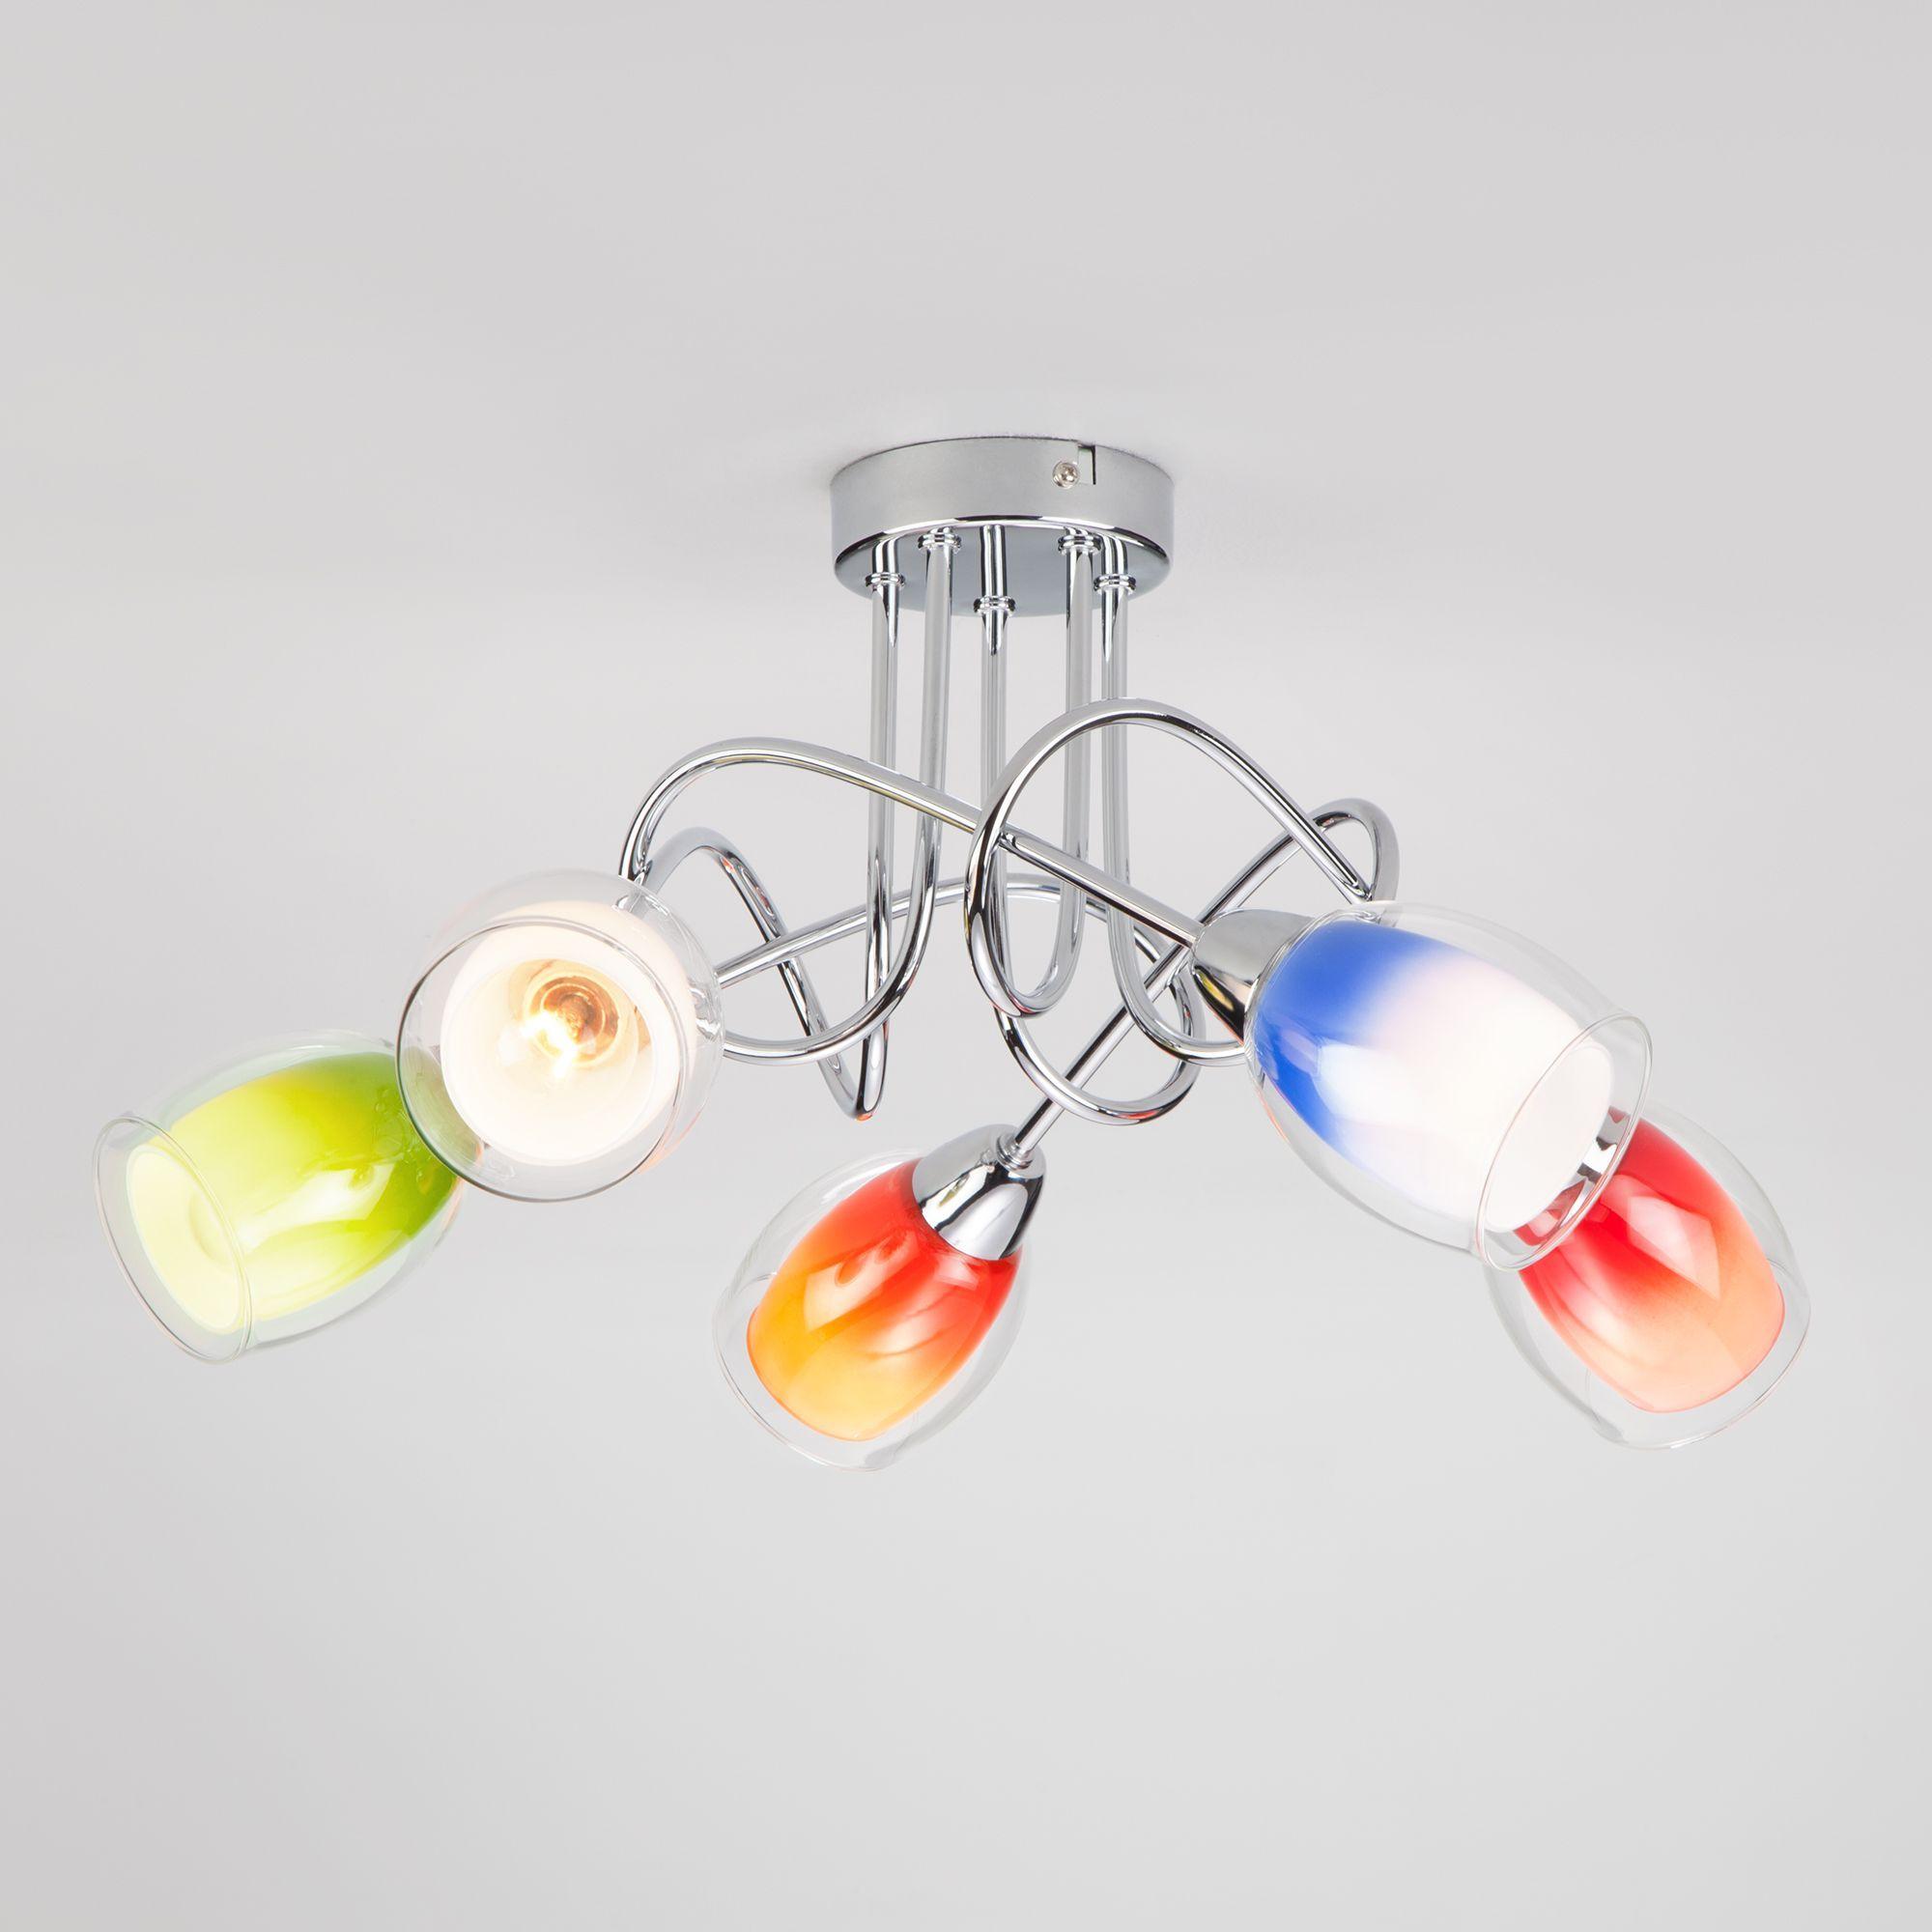 Потолочная люстра с цветными плафонами 2267/5 хром